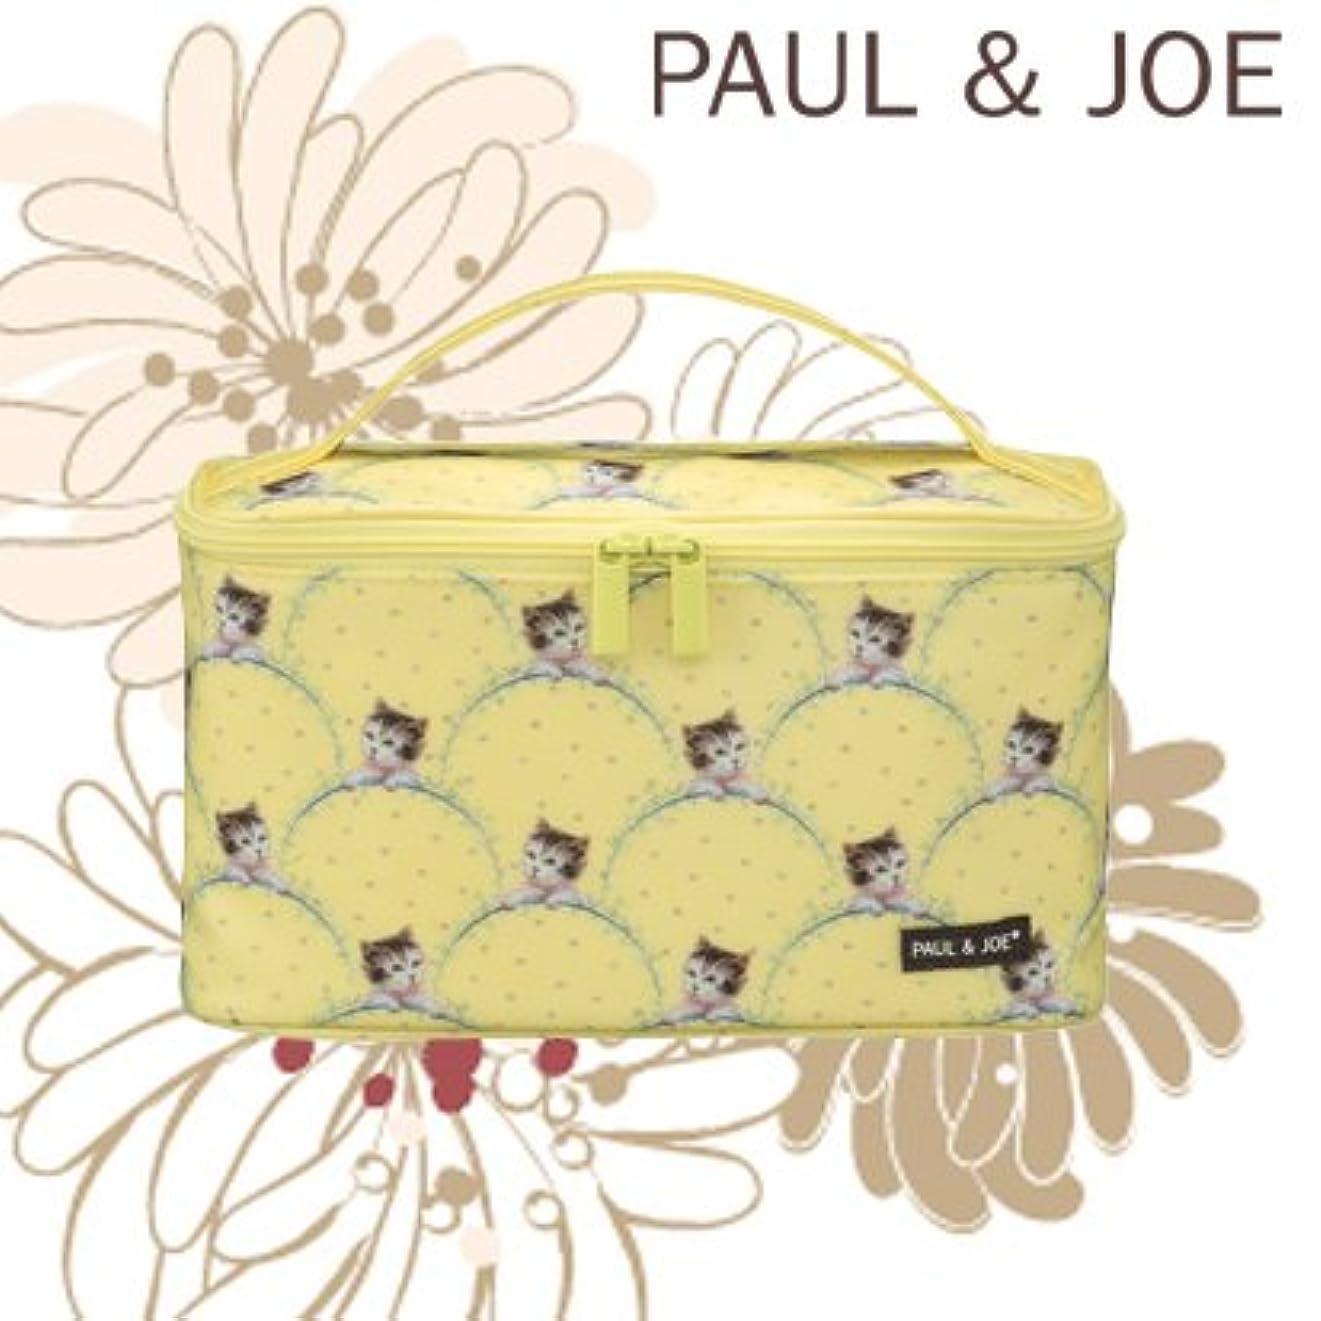 因子操縦するかんたんポール&ジョー コスメティック ポーチ II 猫柄 -PAUL&JOE-【並行輸入品】